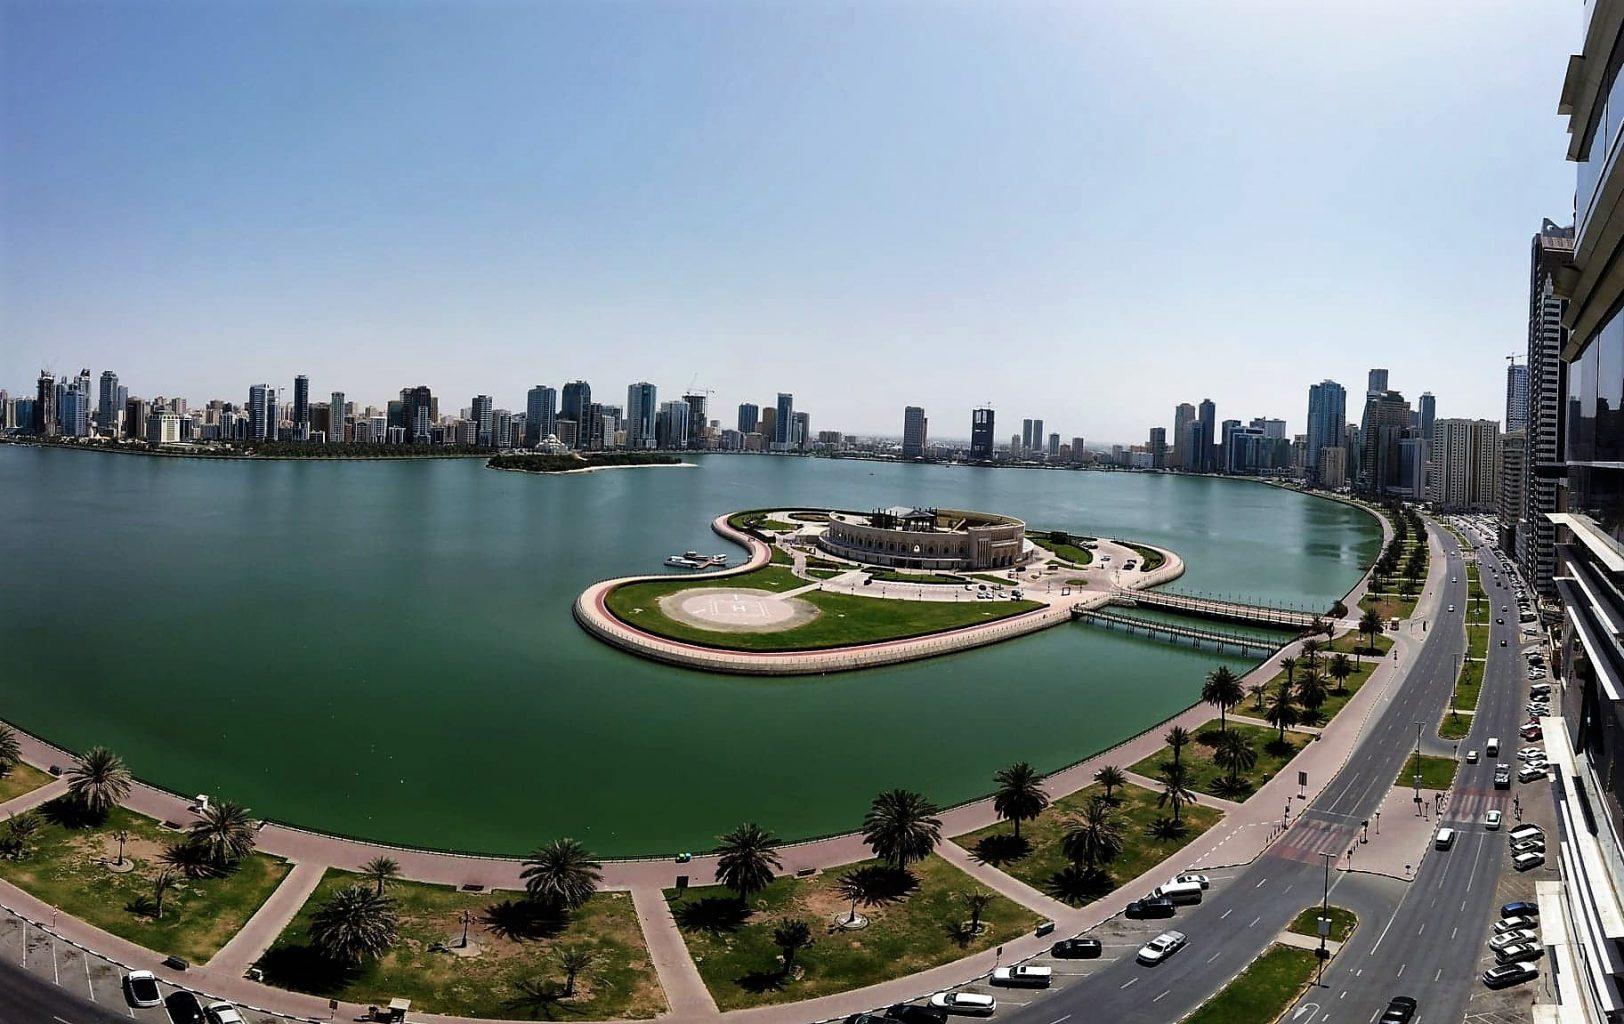 Le lac Khalid de Sharjah avec l'Amphithéâtre Al Majaz